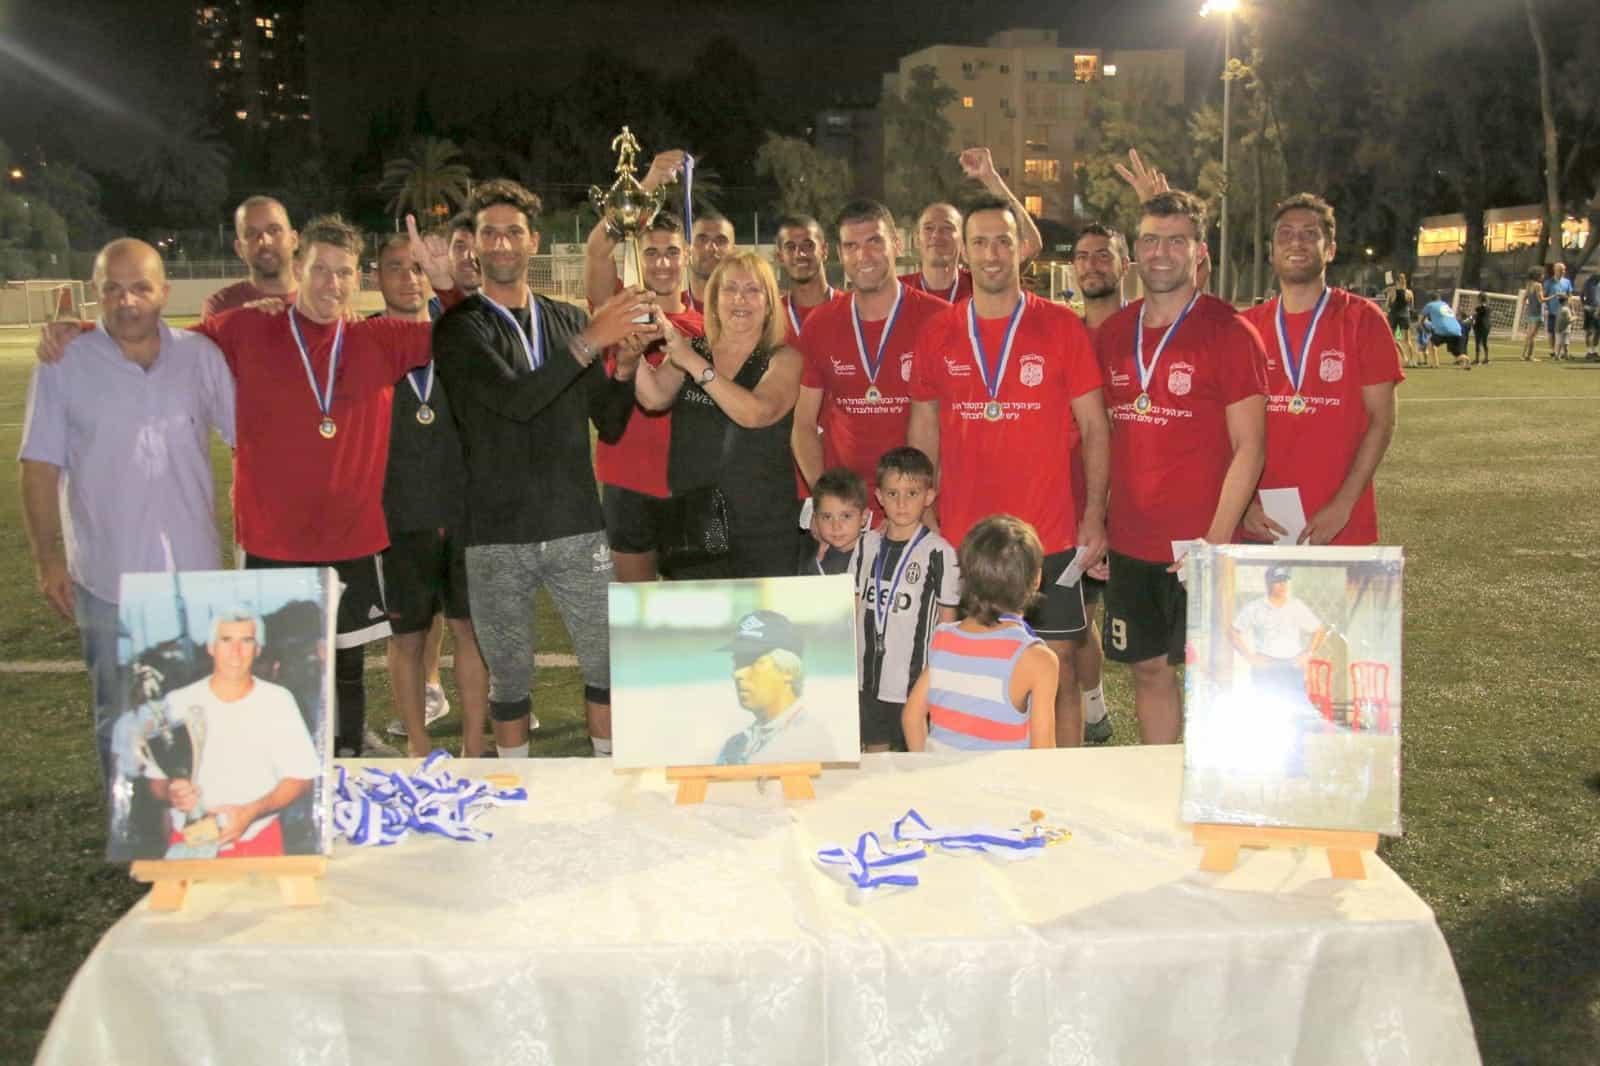 חוגגים את הניצחון, צילום: העמותה לקידום הספורט